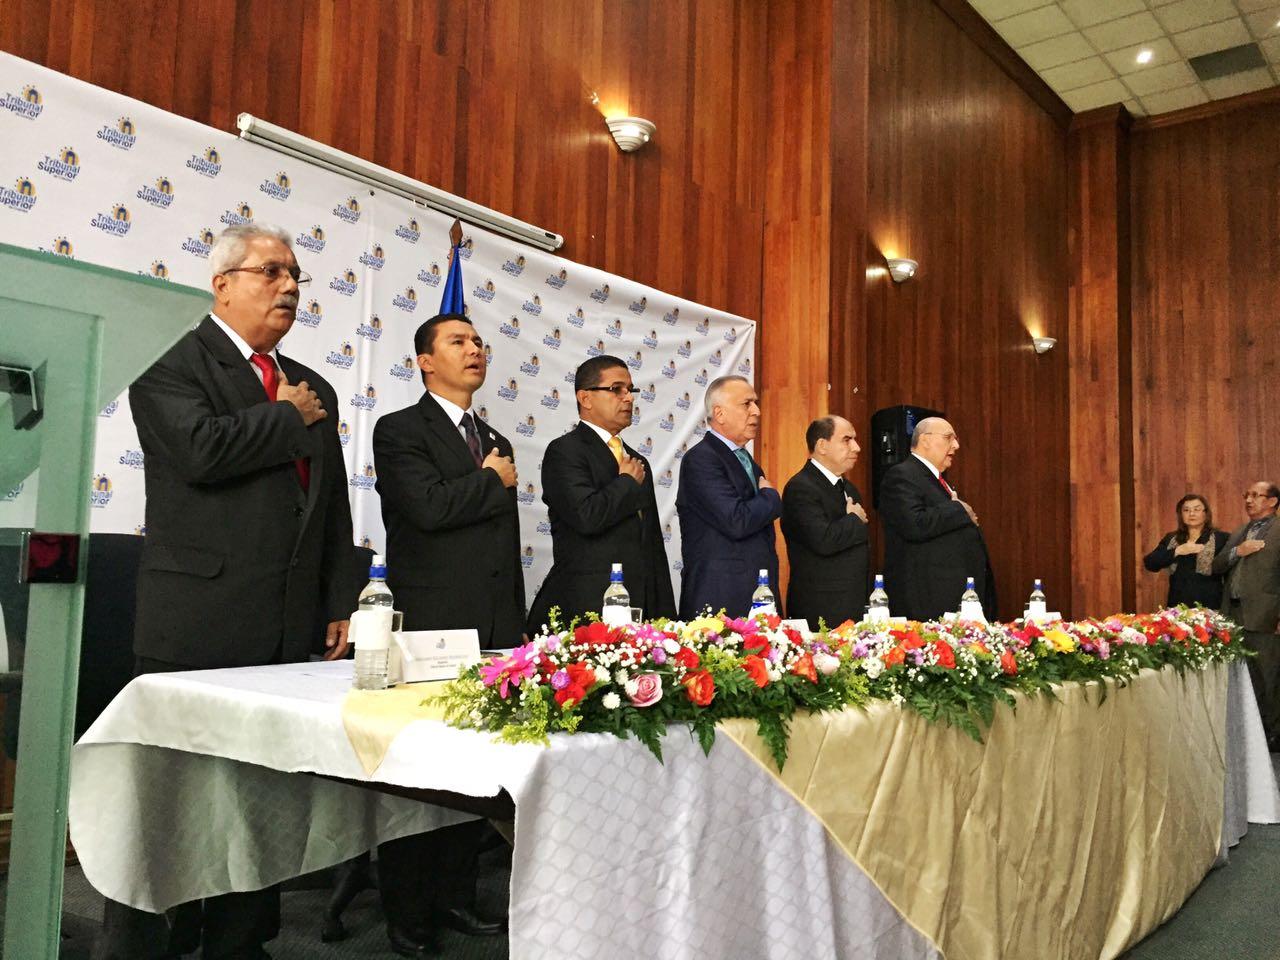 En una ceremonia se celebró ayer la Toma de Posesión de los nuevos magistrados del TSC.